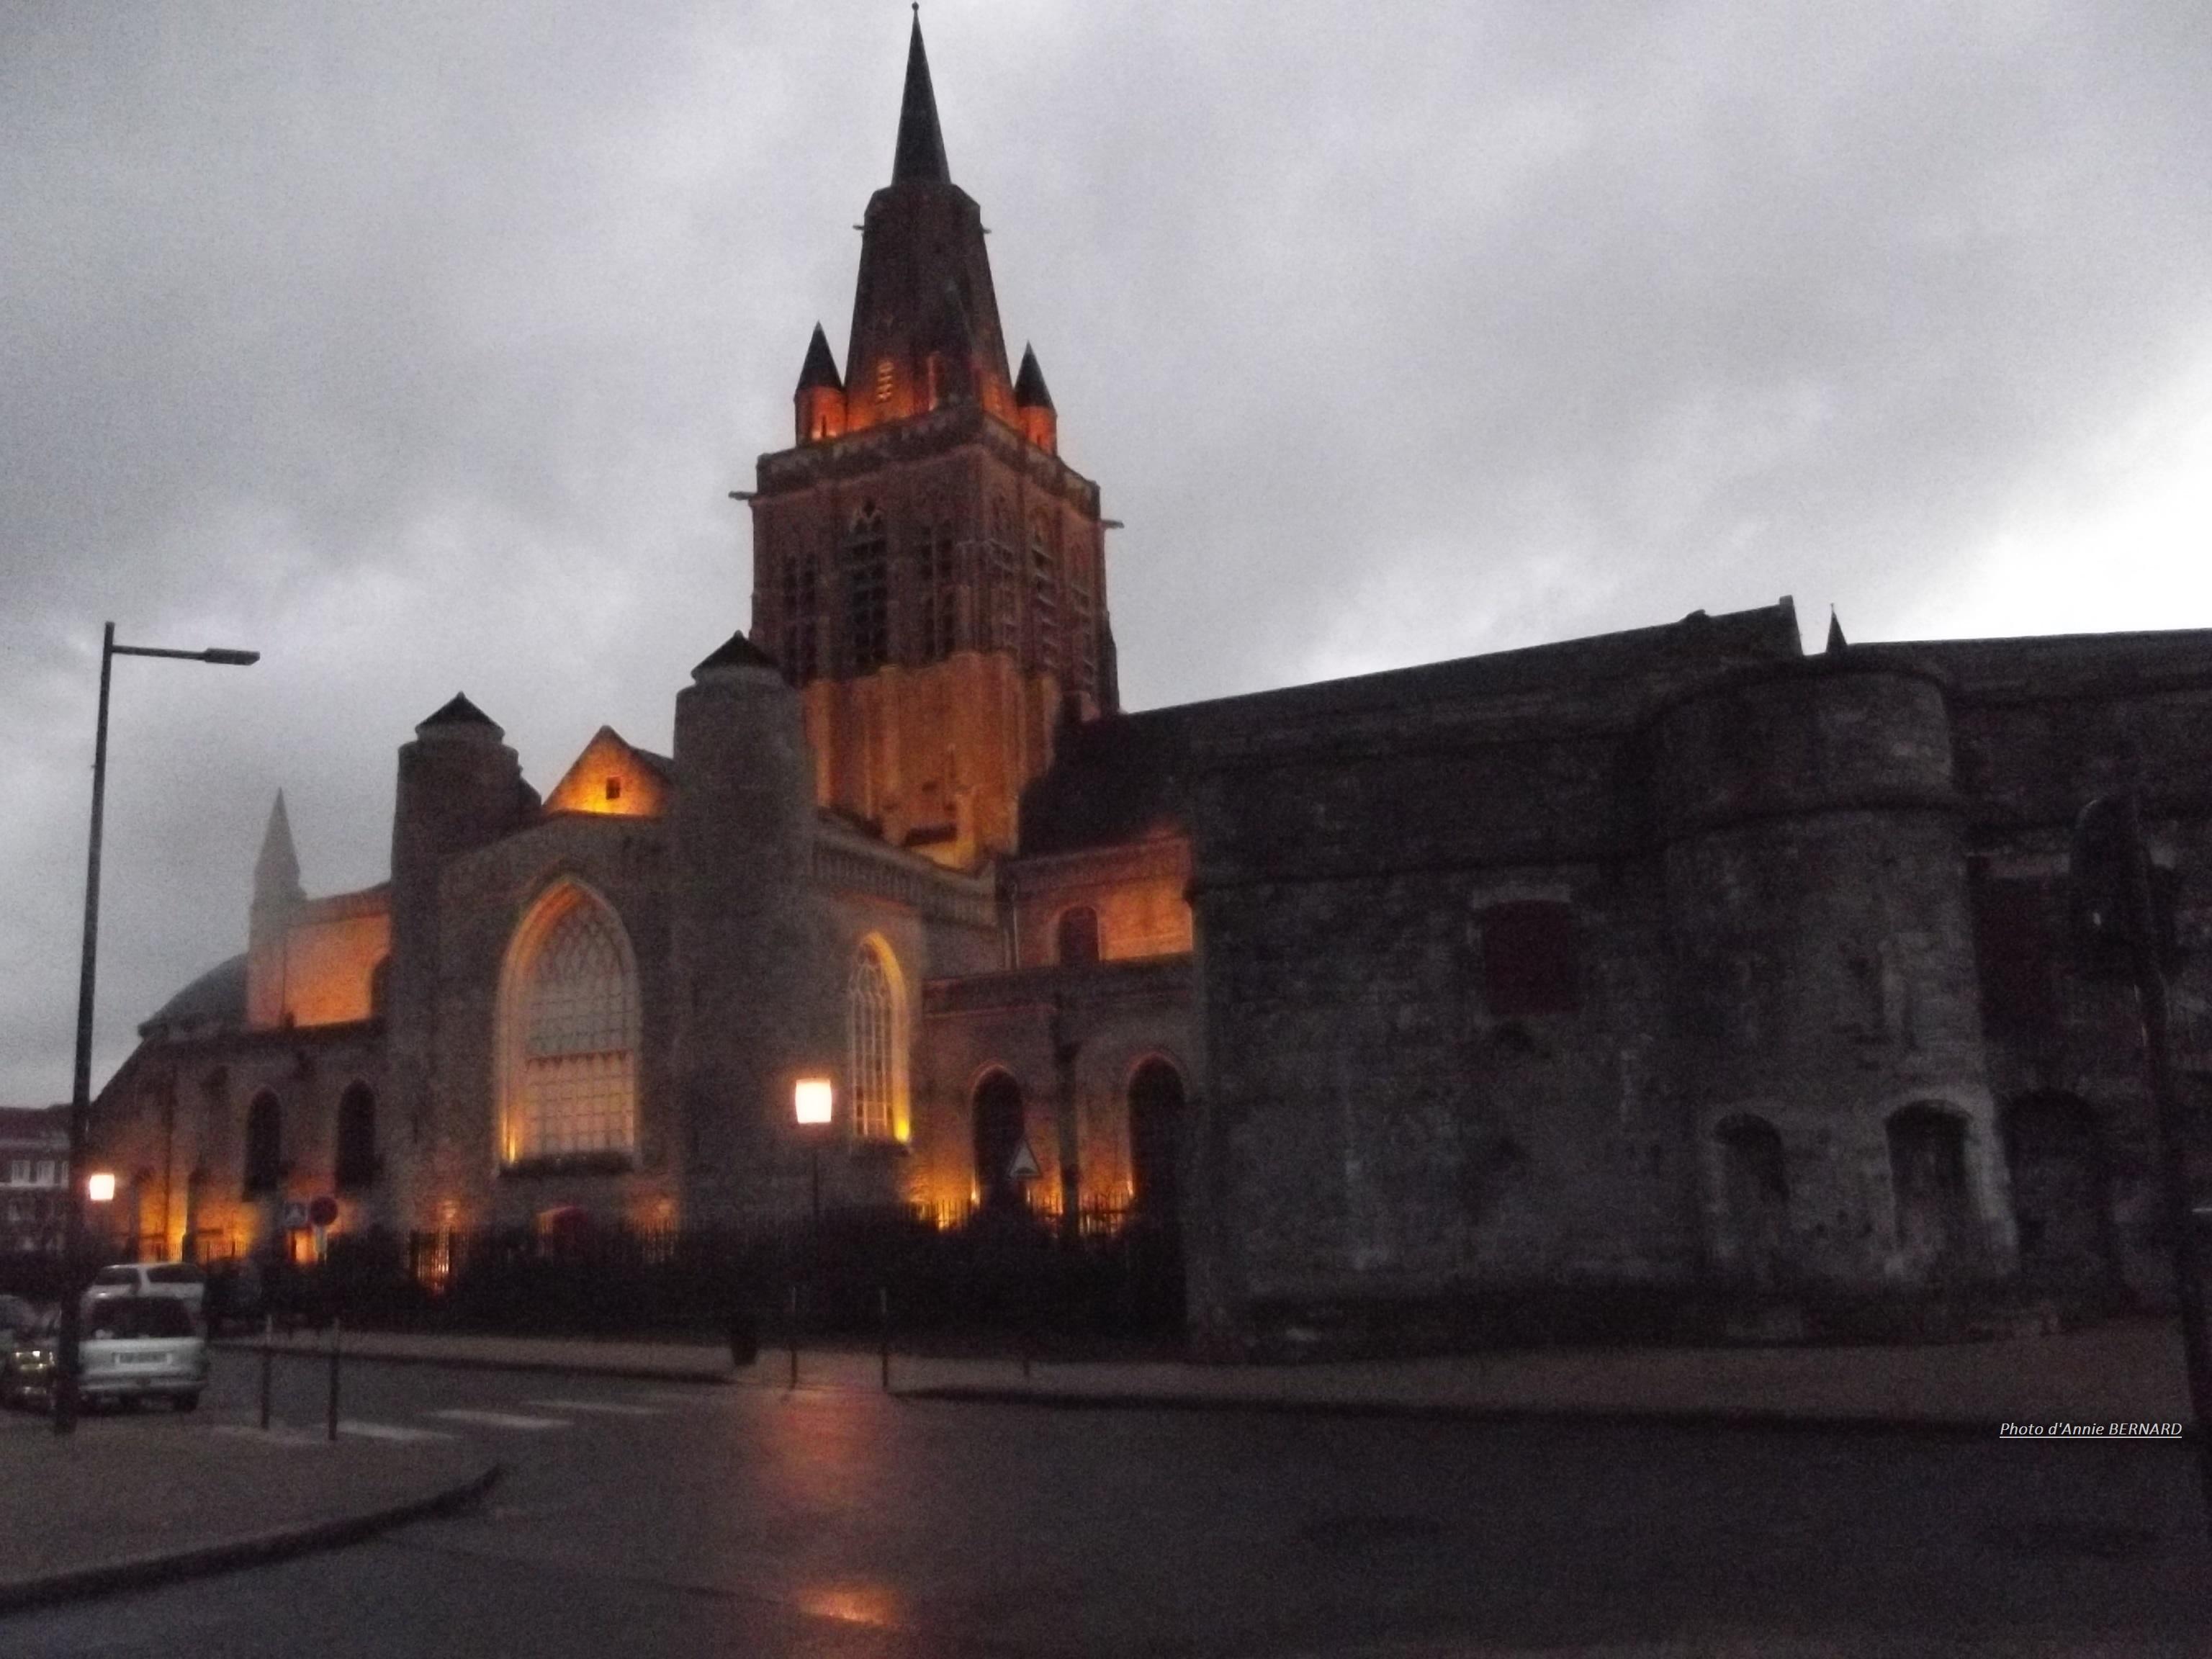 Illumination extérieure de l'église Notre-Dame de Calais